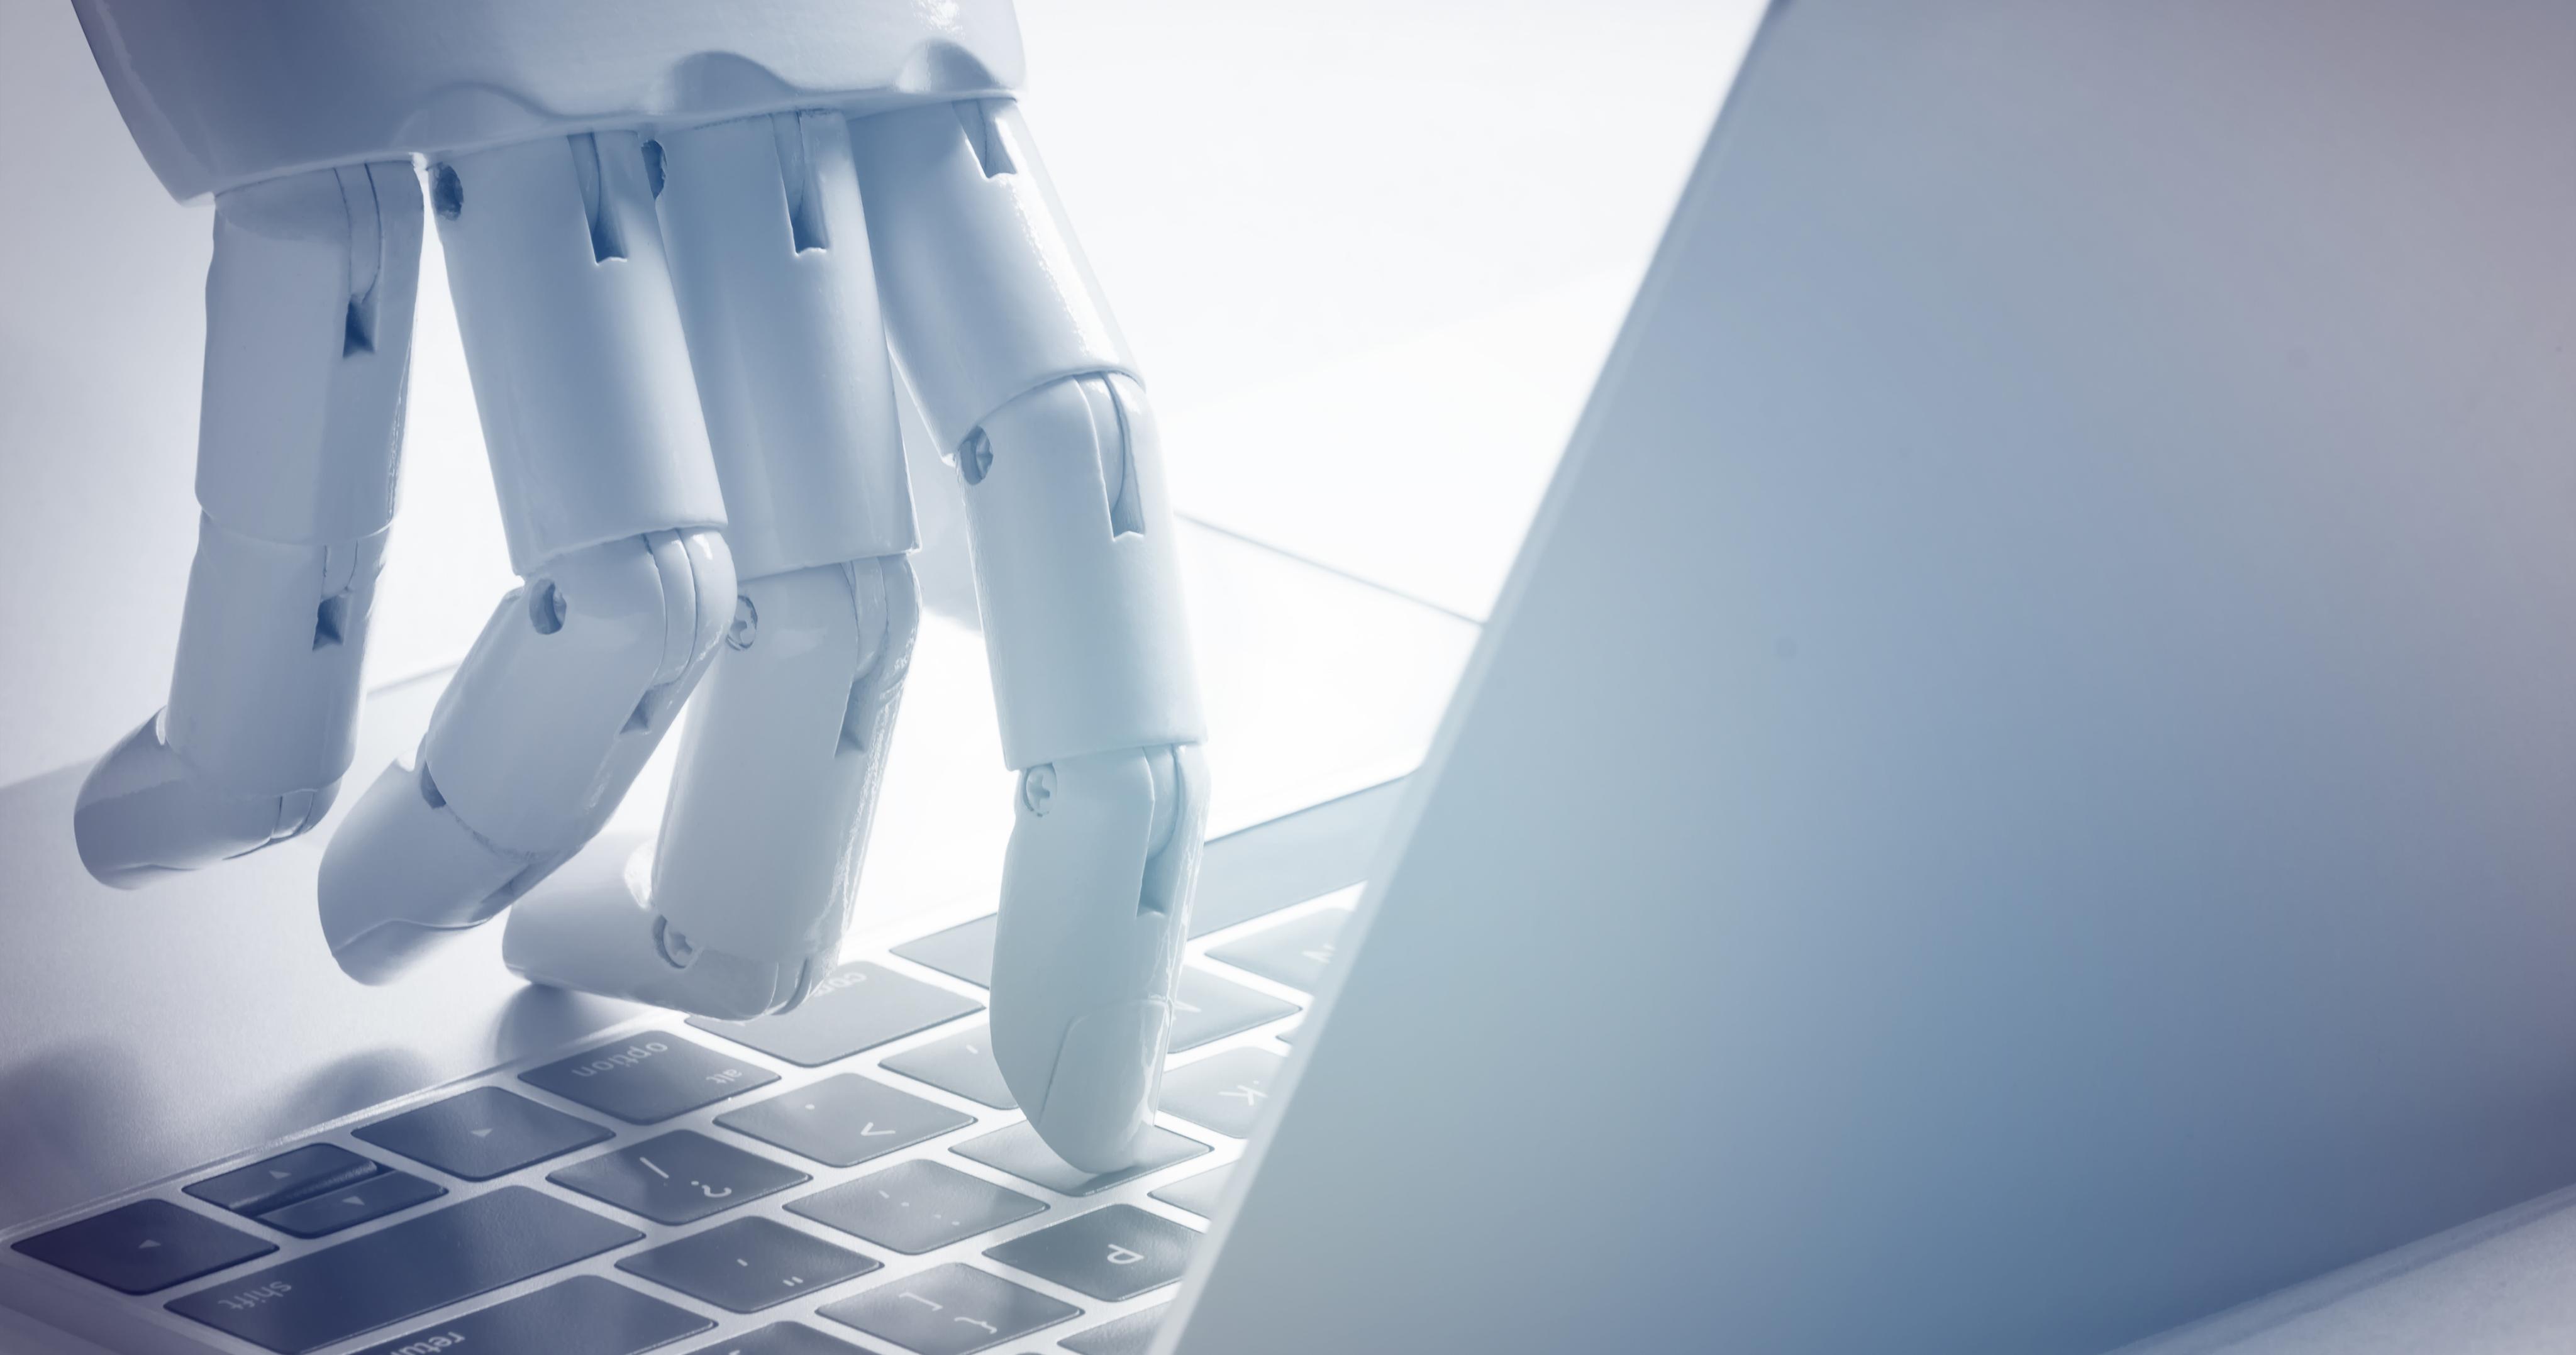 Robot clicking on keyboard